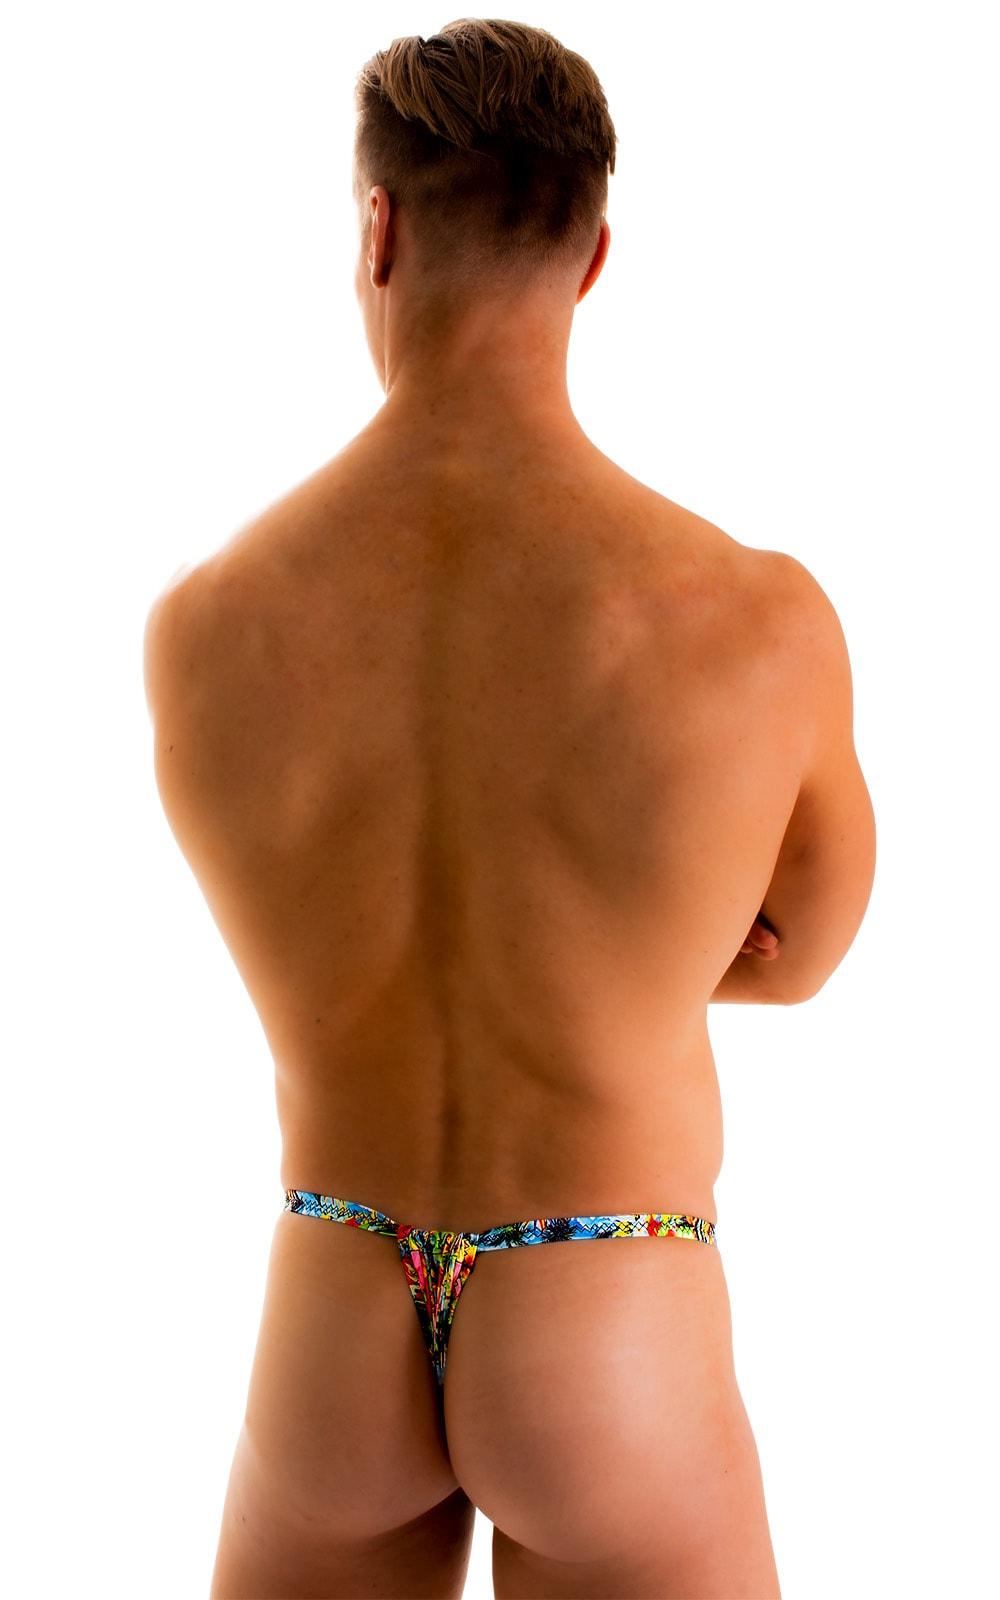 4-Way Adjustable Bikini-Tanga-Micro in Super ThinSKINZ Honolulu 1